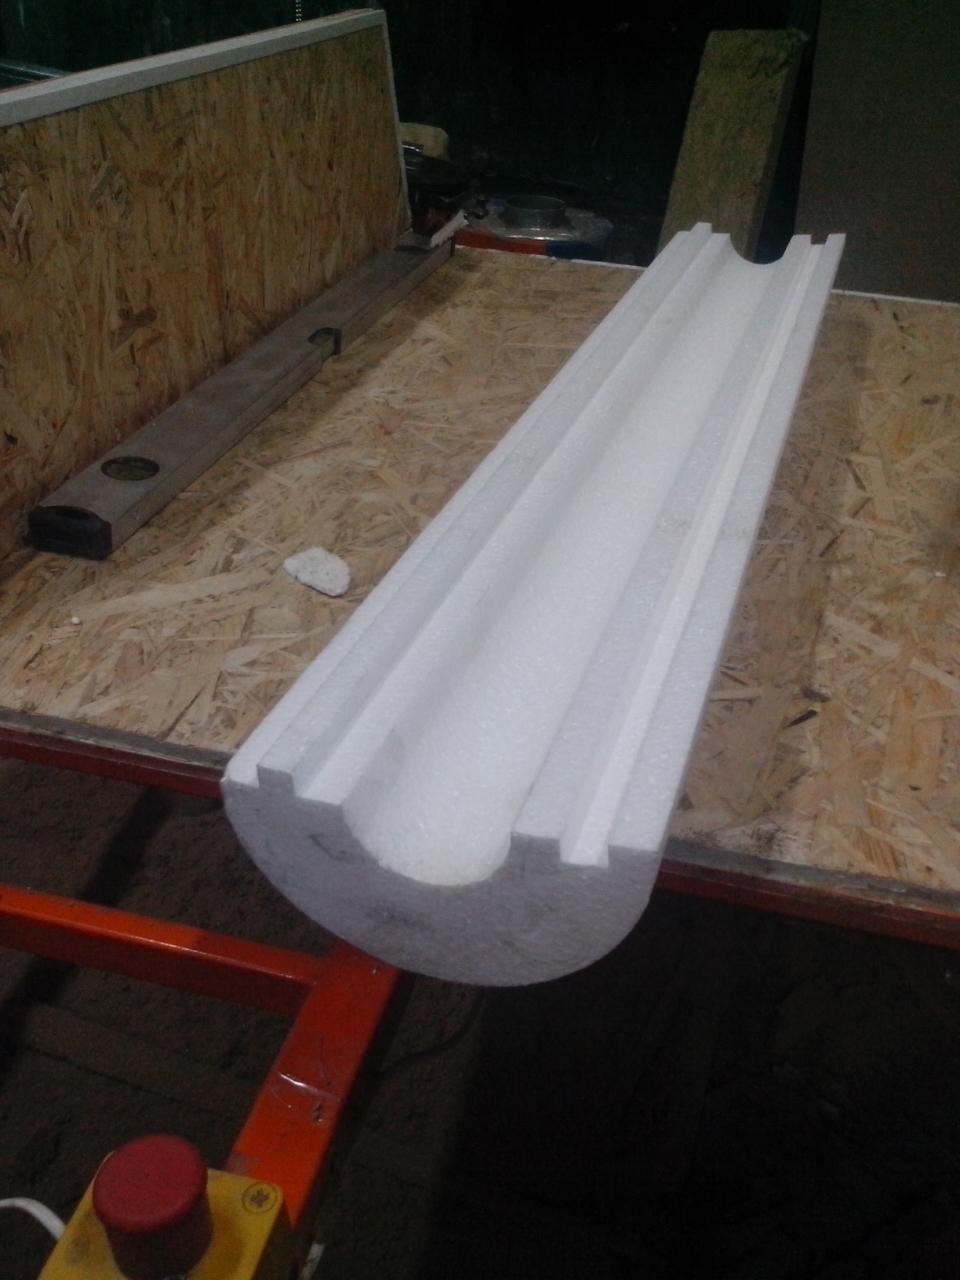 Утеплитель из пенопласта (пенополистирола) для труб Ø 219 мм толщиной 80 мм